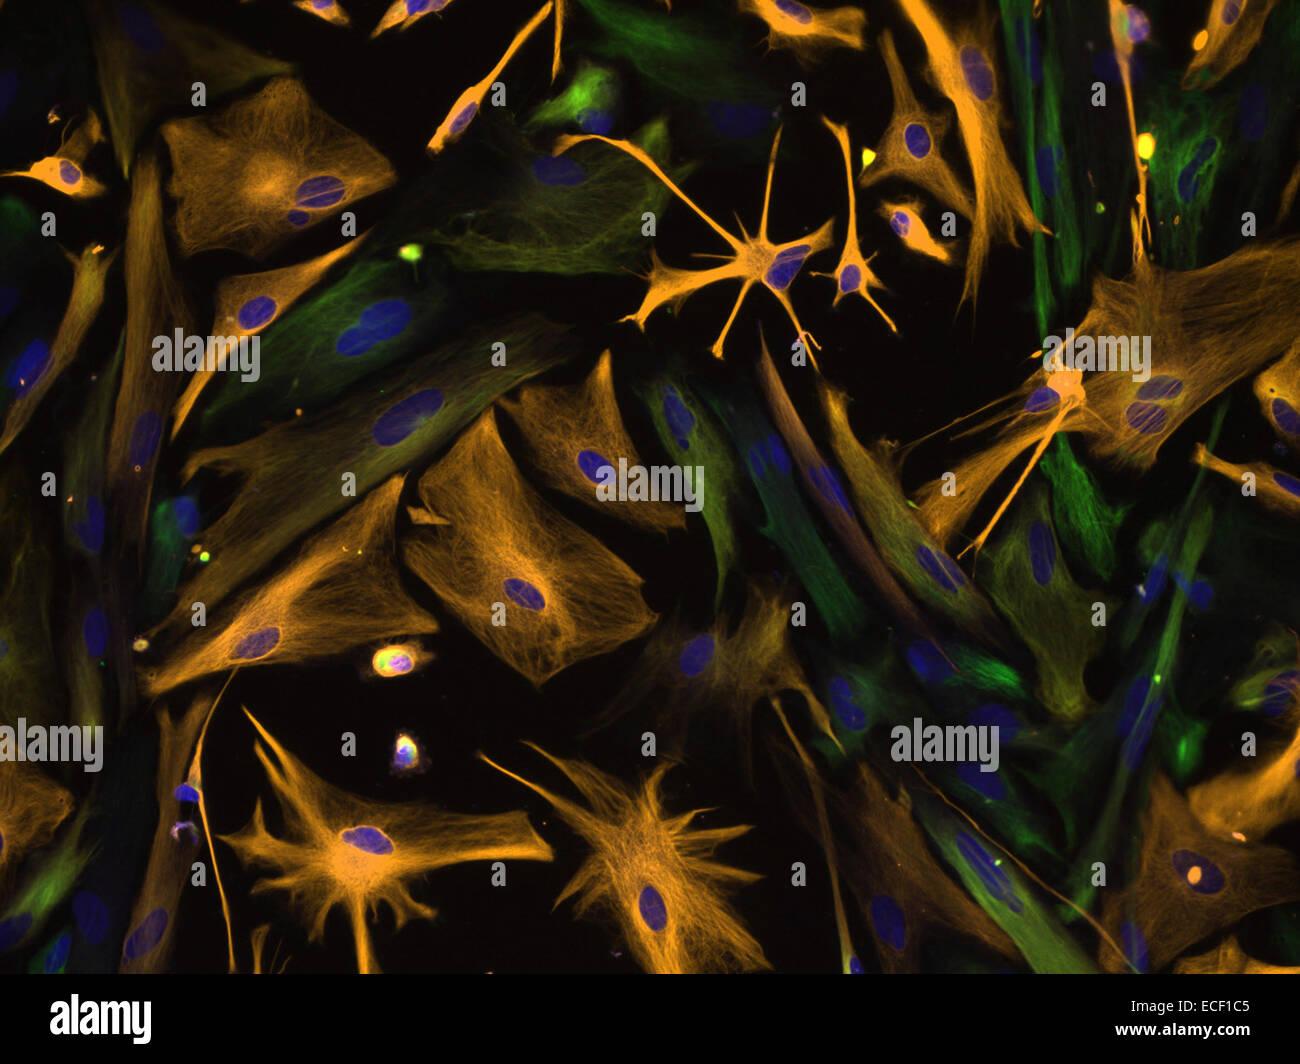 Las células humanas progenitoras neurales fueron aislados bajo condiciones de cultivo selectivo en el desarrollo del cerebro humano y dirigido pasante Foto de stock